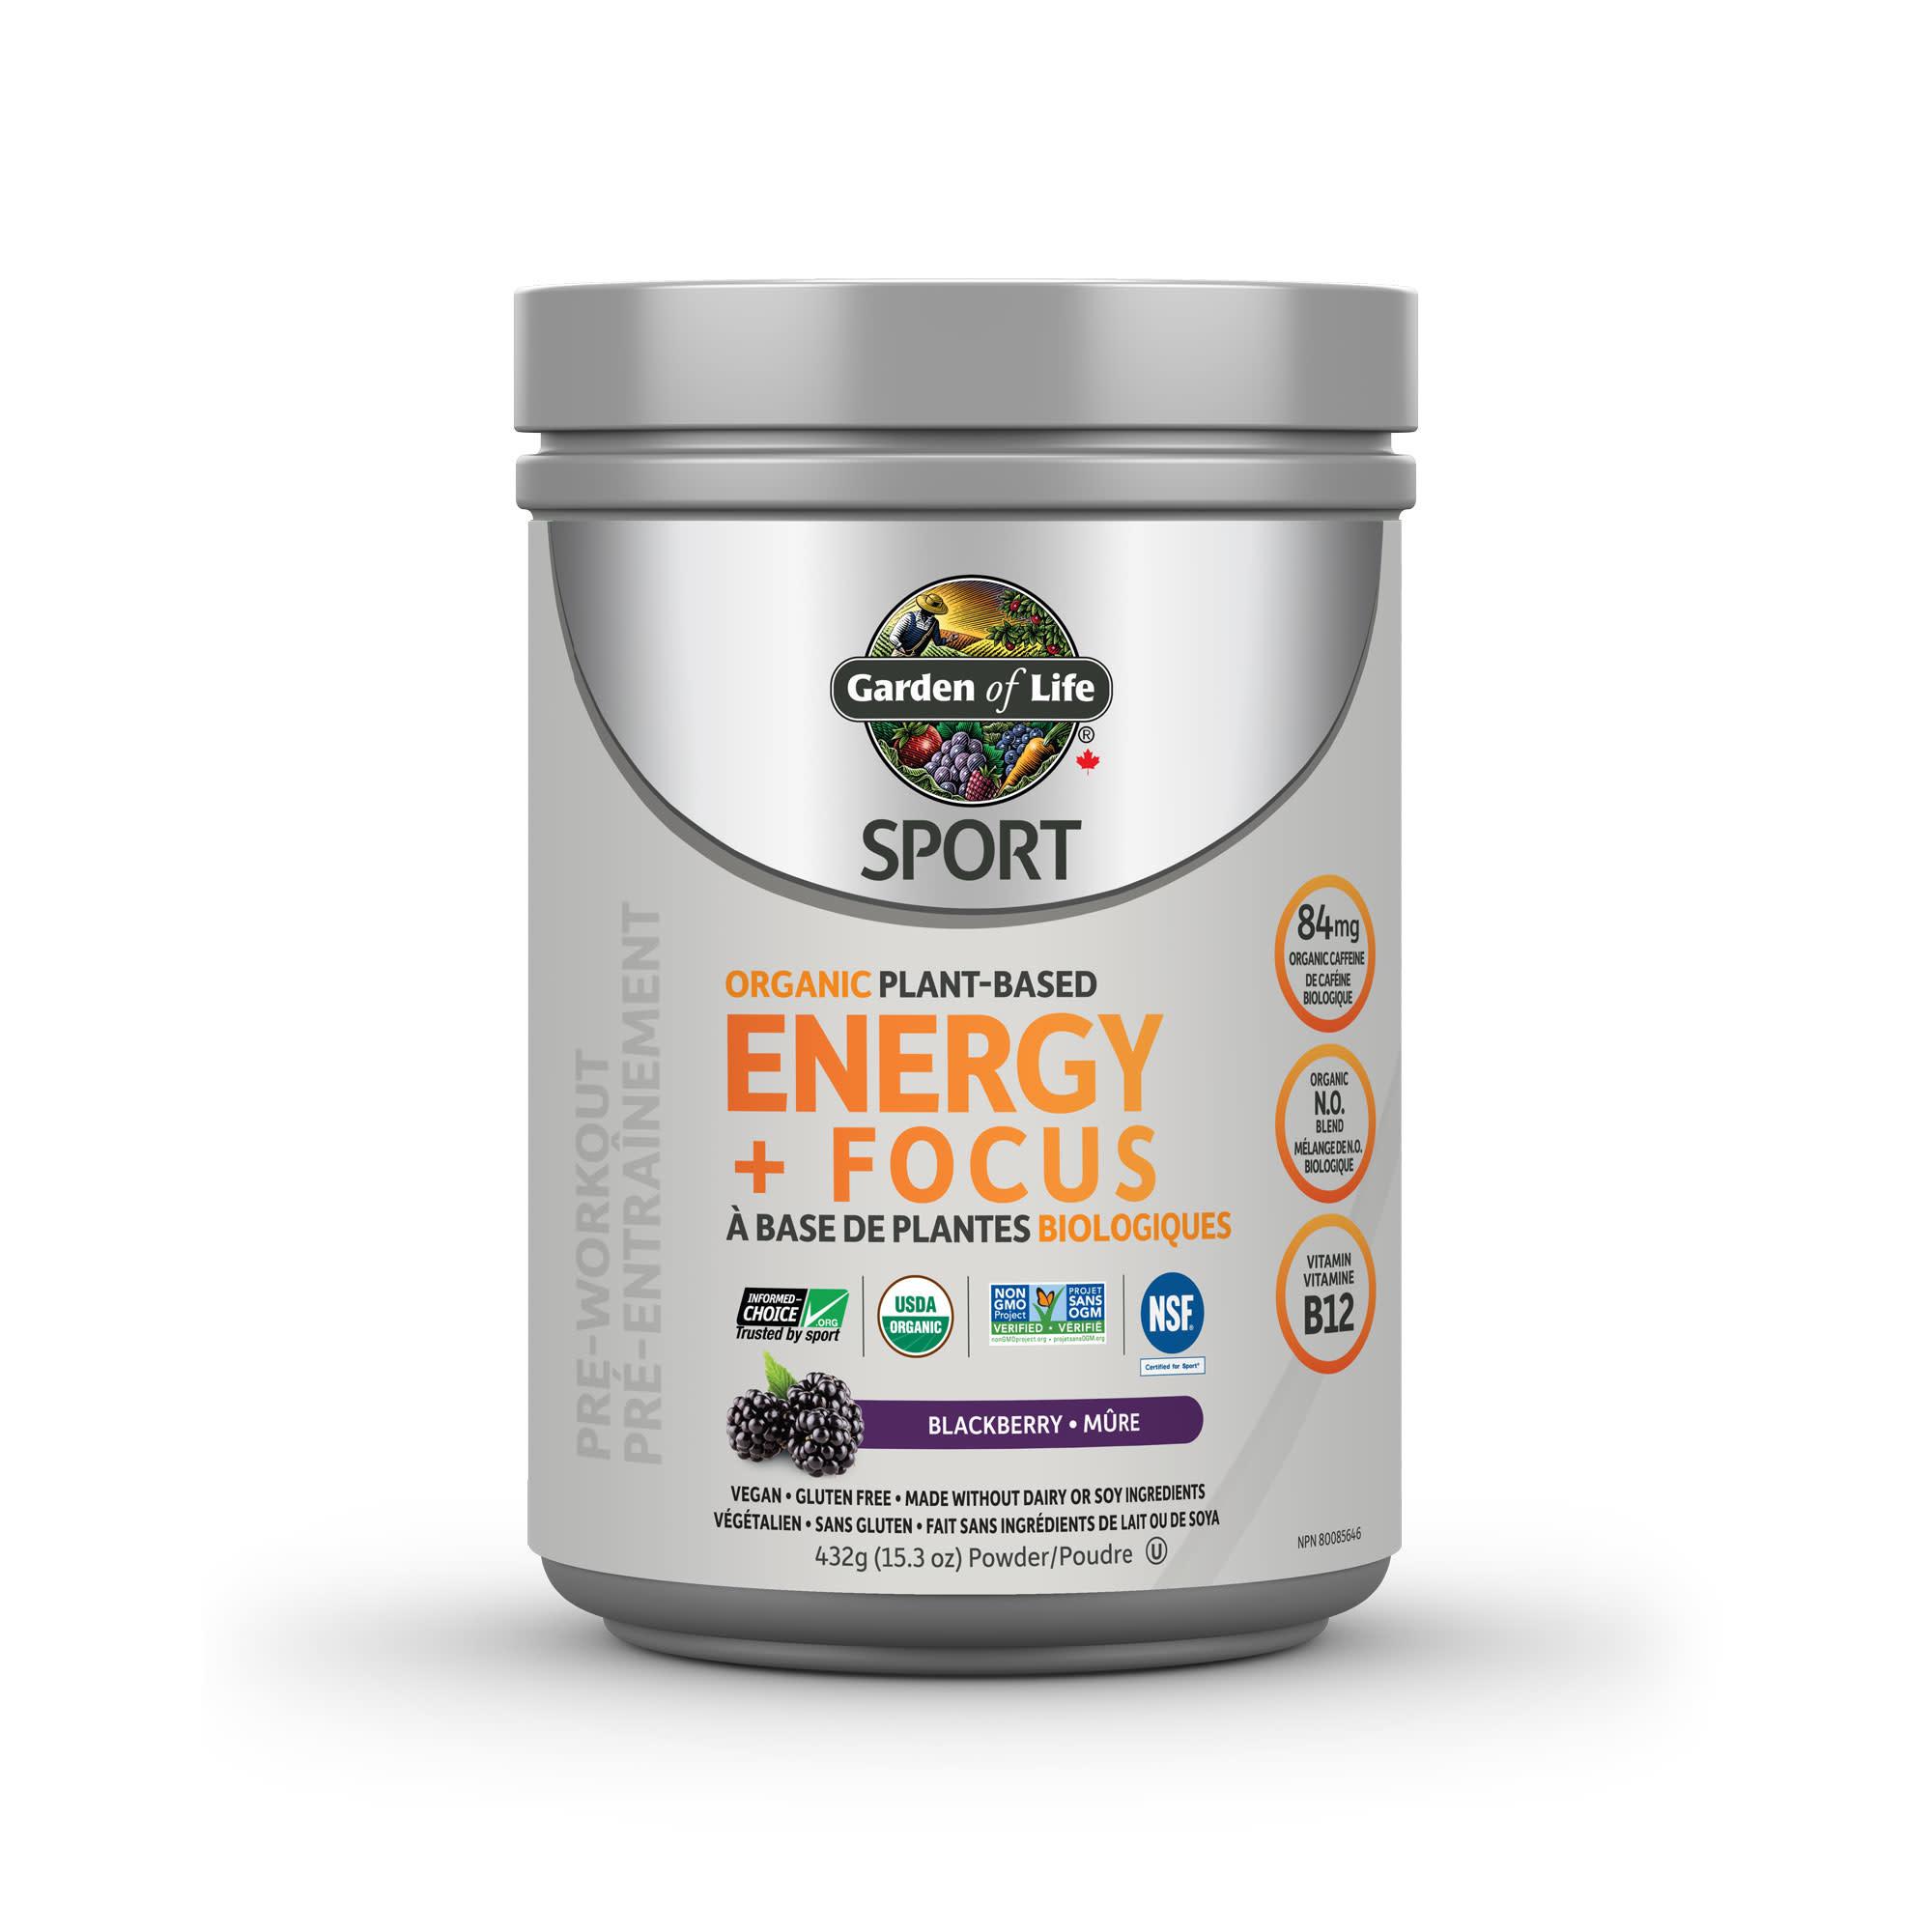 Garden of Life Garden of Life - Organic Plant Based Energy + Focus - Blackberry - 432g